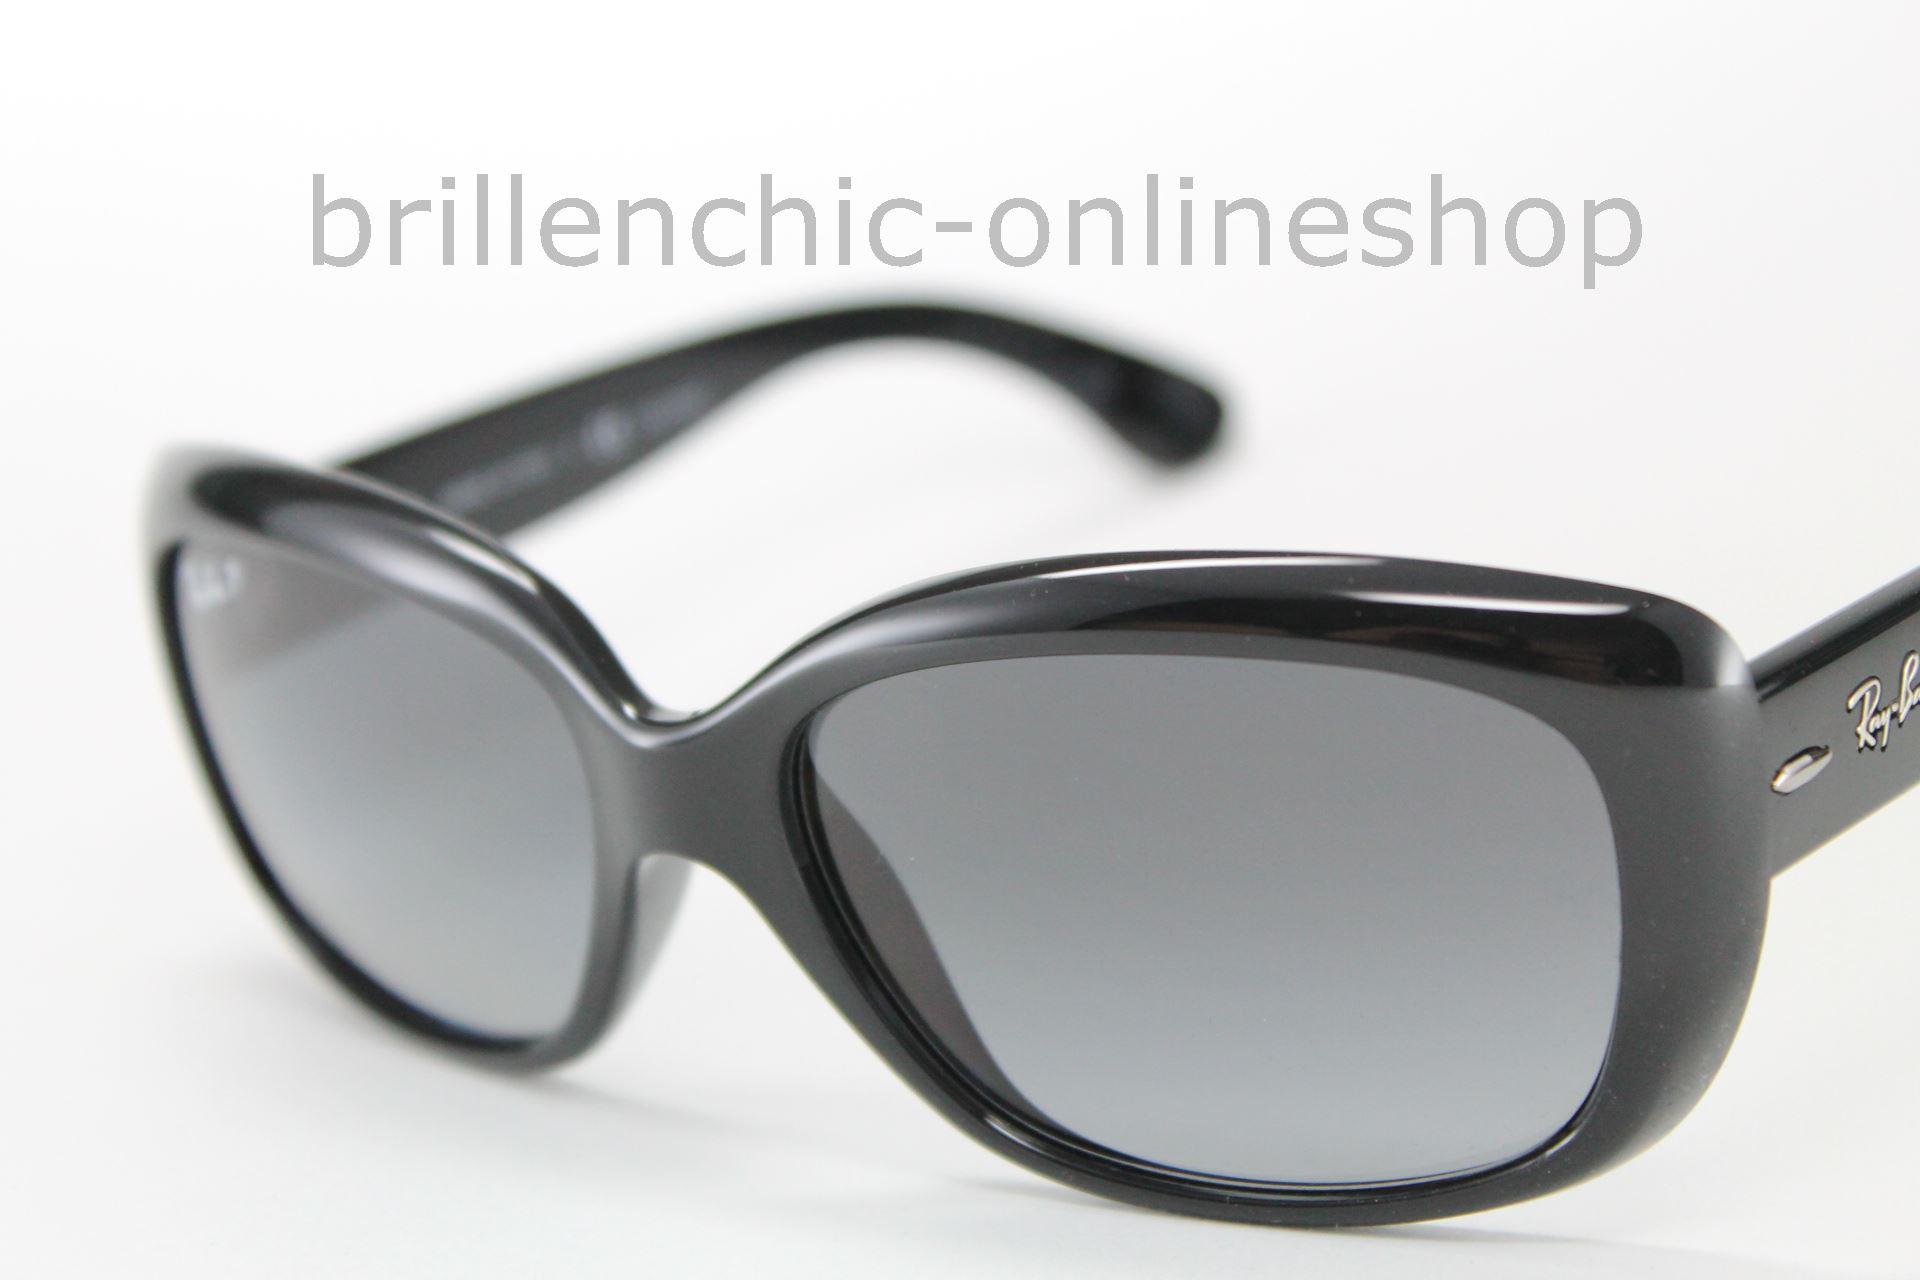 07202f38a8 Brillenchic - onlineshop Berlin Ihr starker Partner für exklusive ...